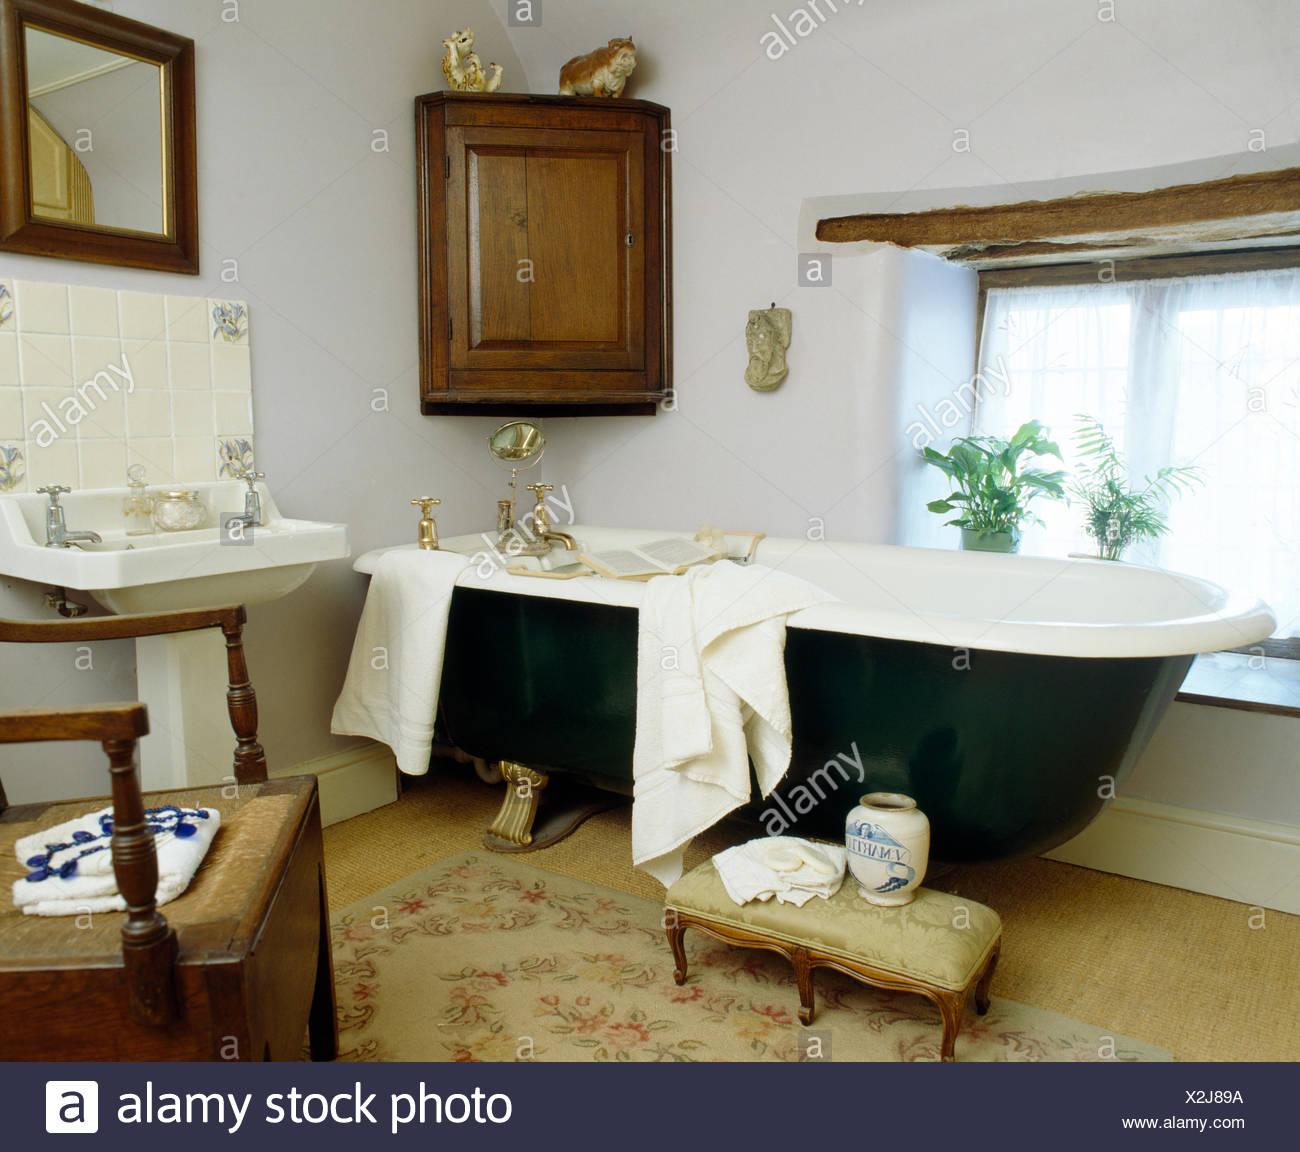 Antiker Eckschrank An Wand Oben Roll Top Bad In Weissen Land Bad